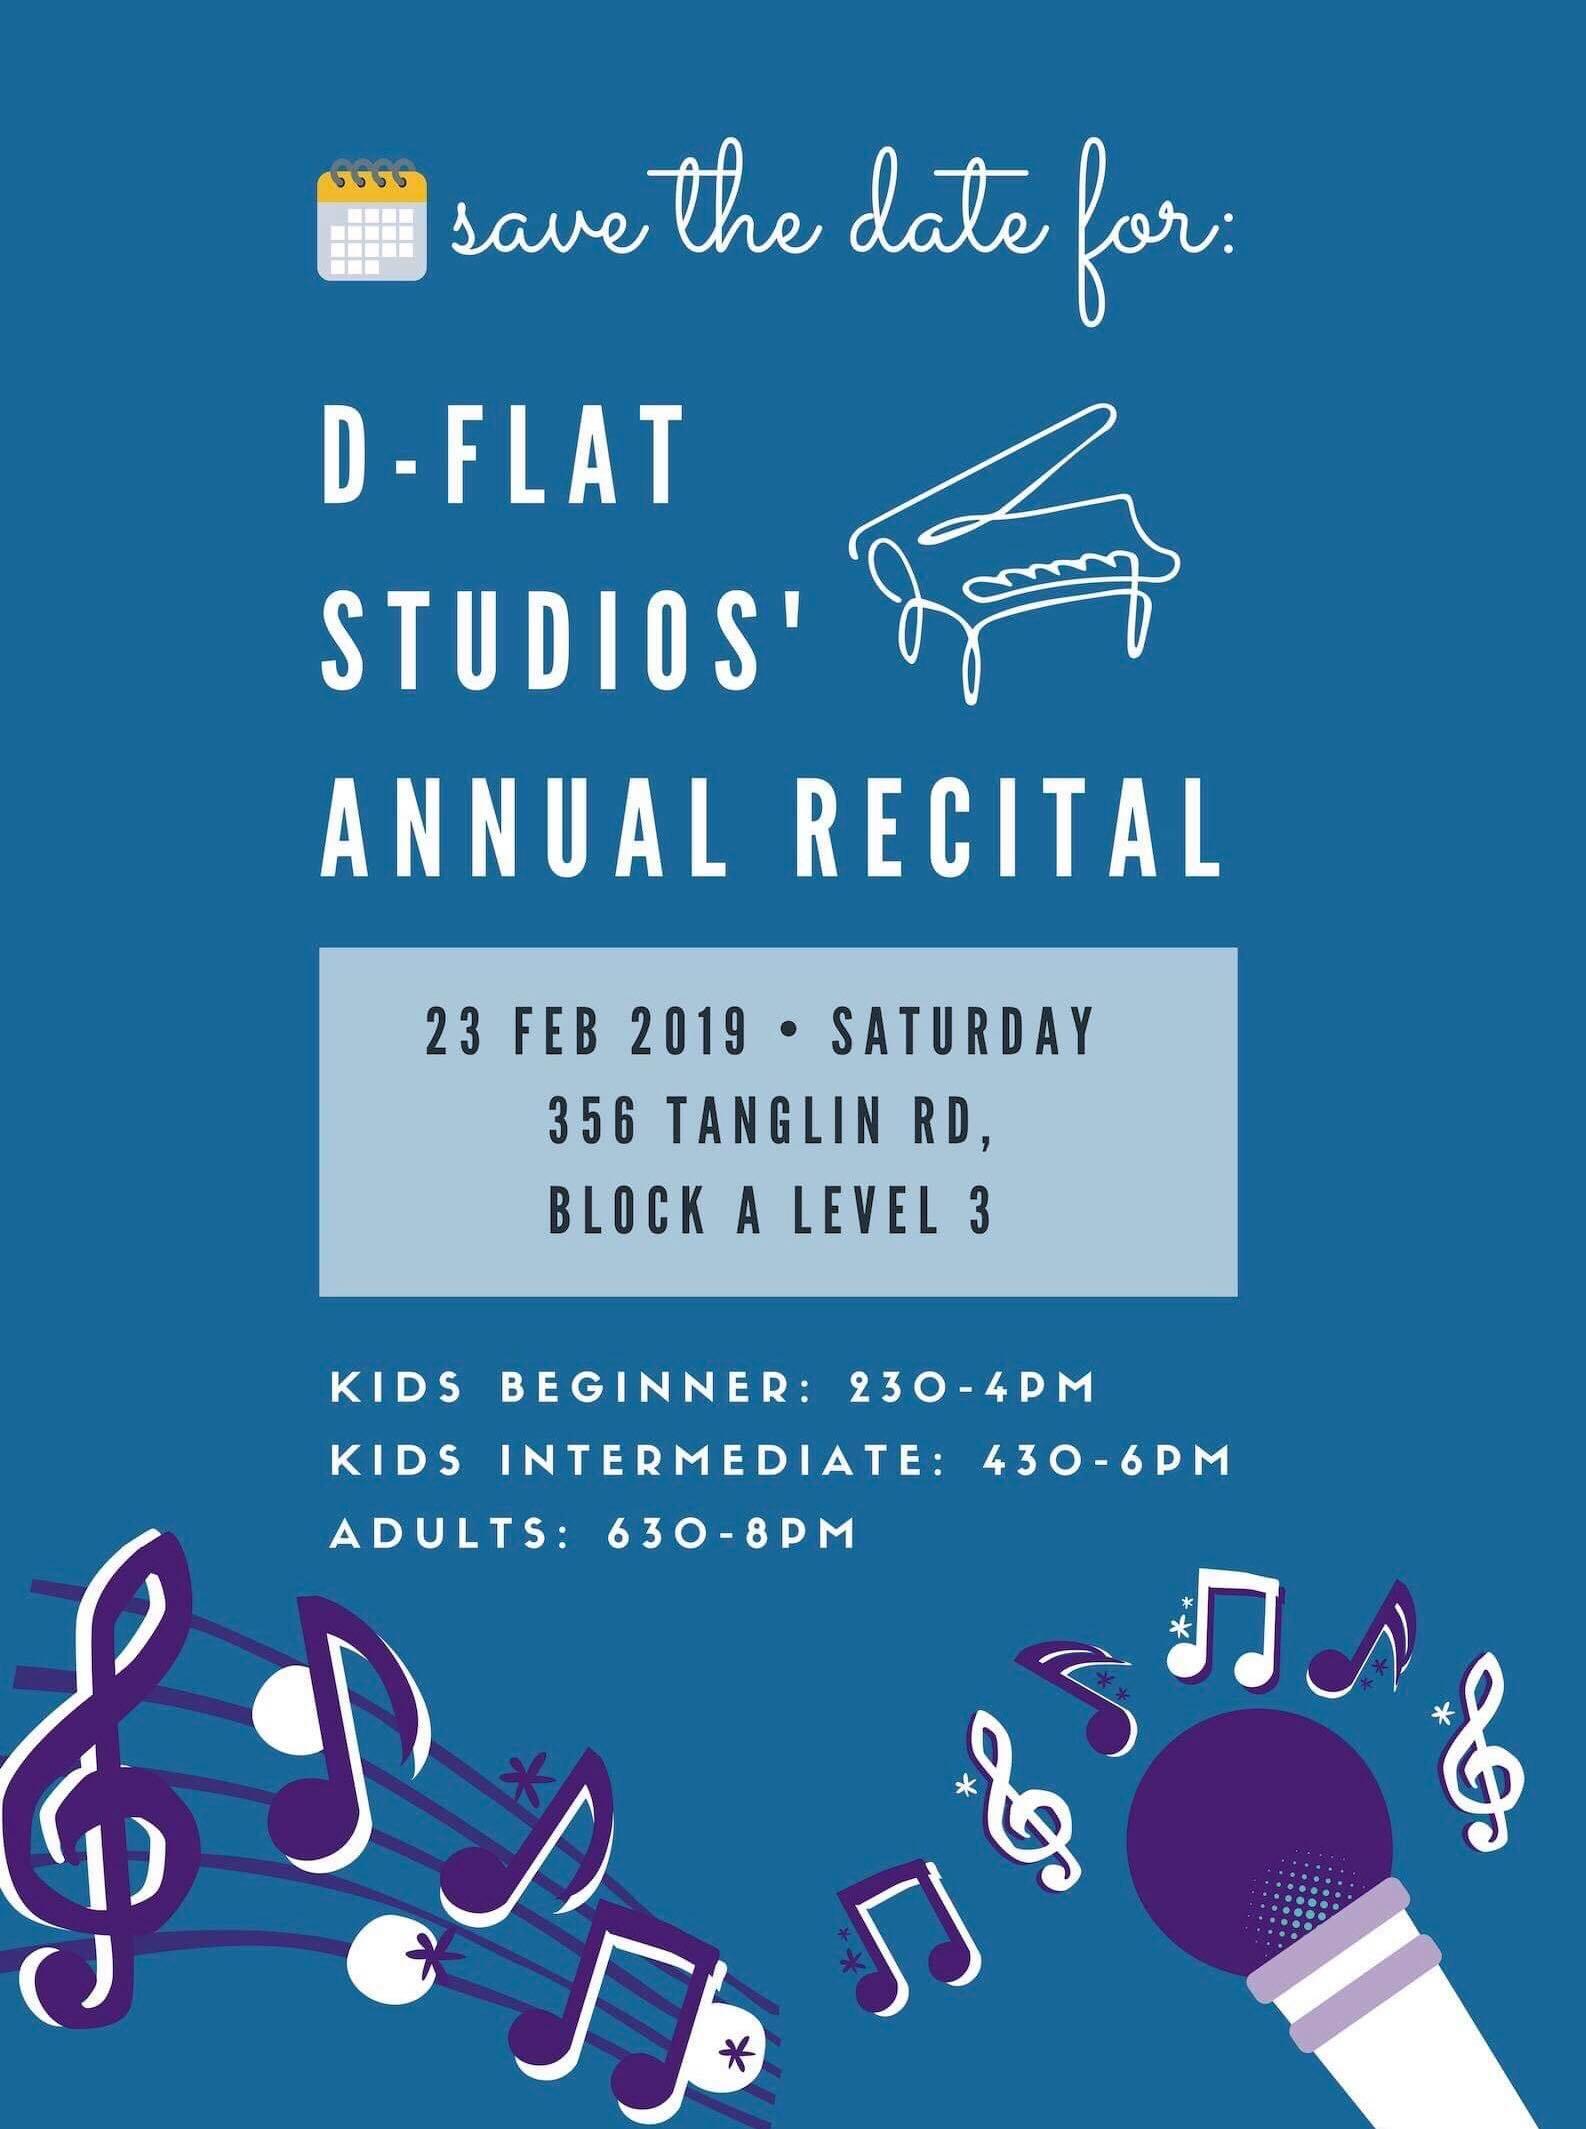 Our Annual Recital - 23rd Feb 2019